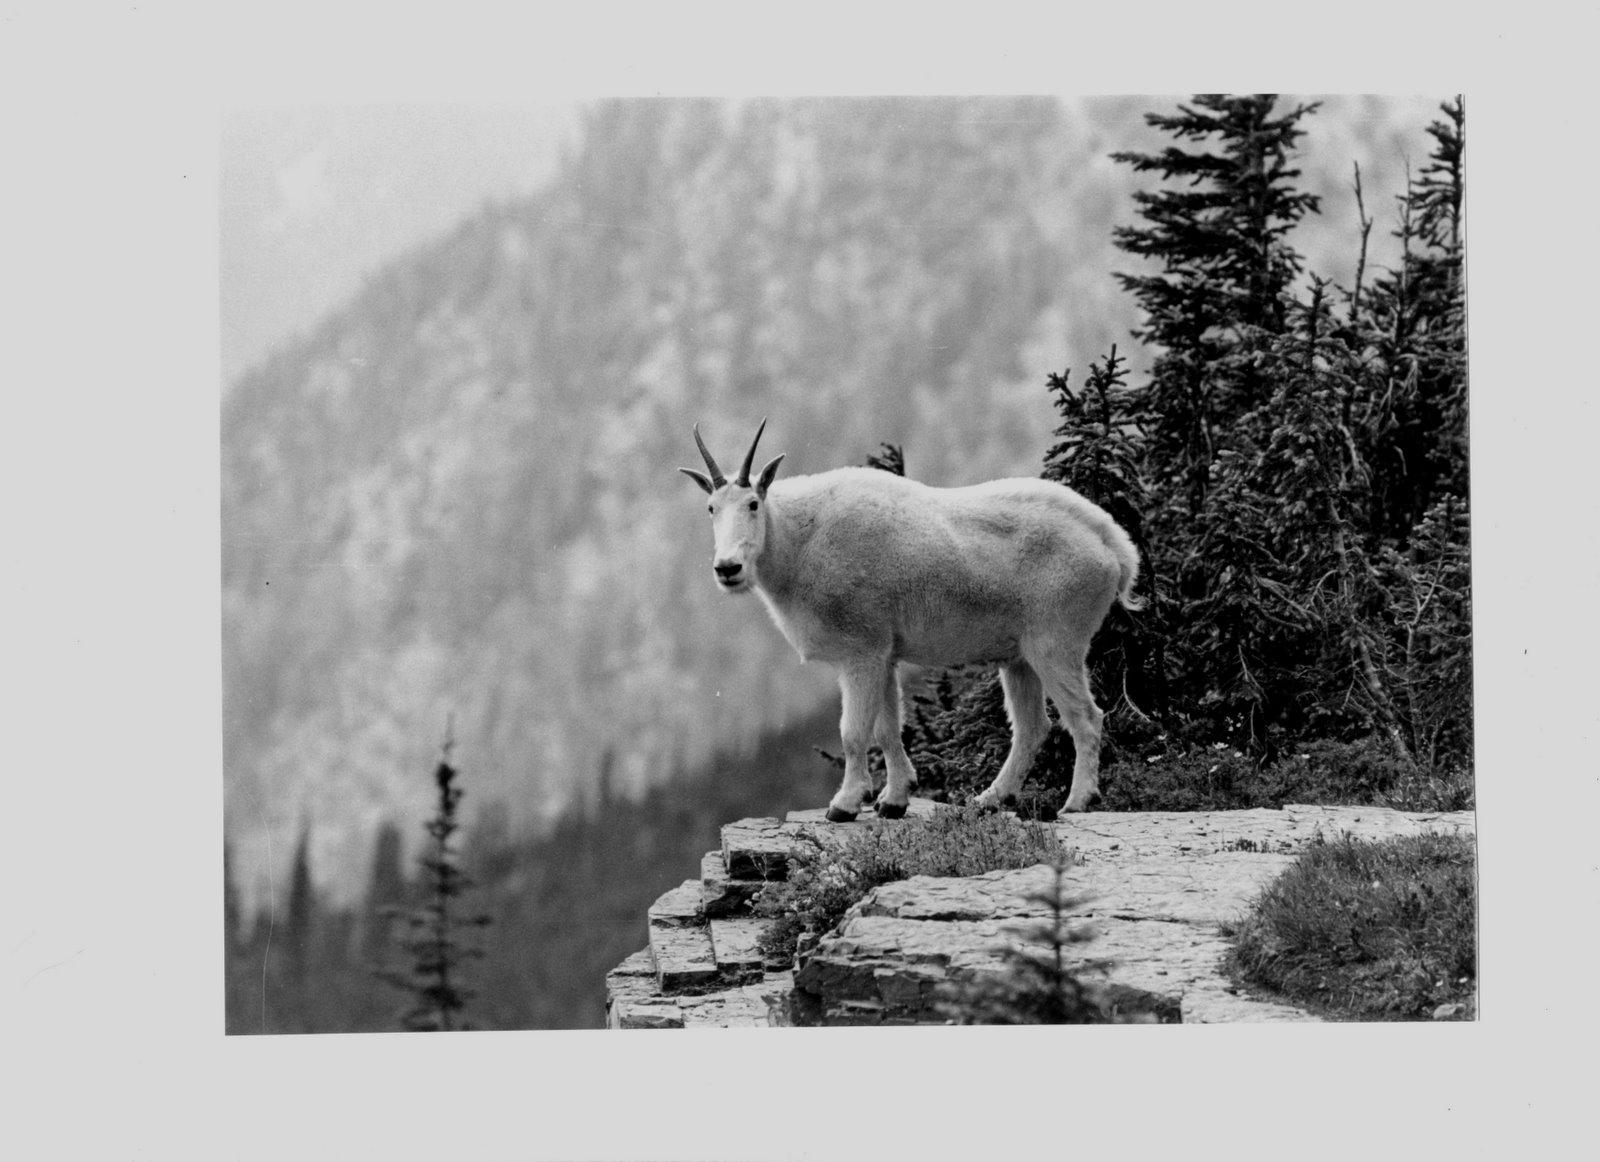 [Glacier+goat.jpg]